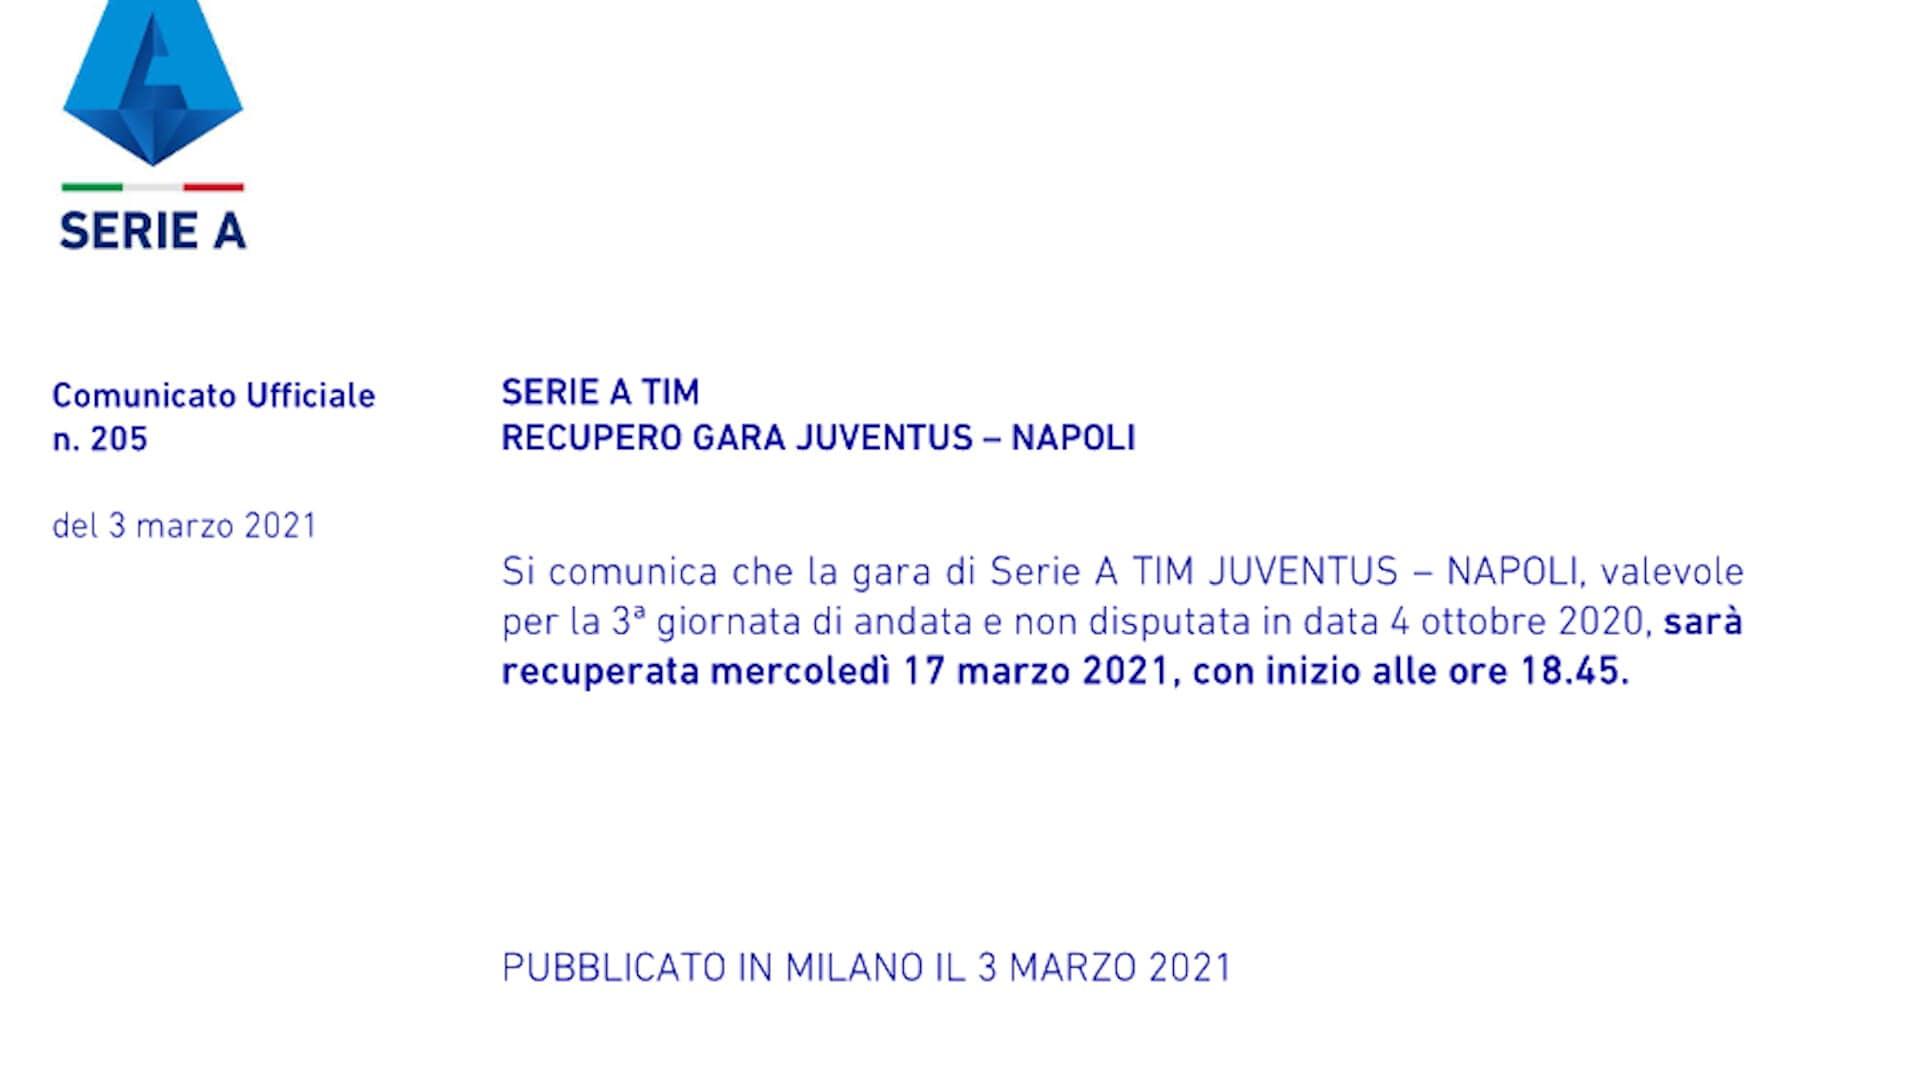 Ufficiale, Juve-Napoli il 17 marzo alle 18.45